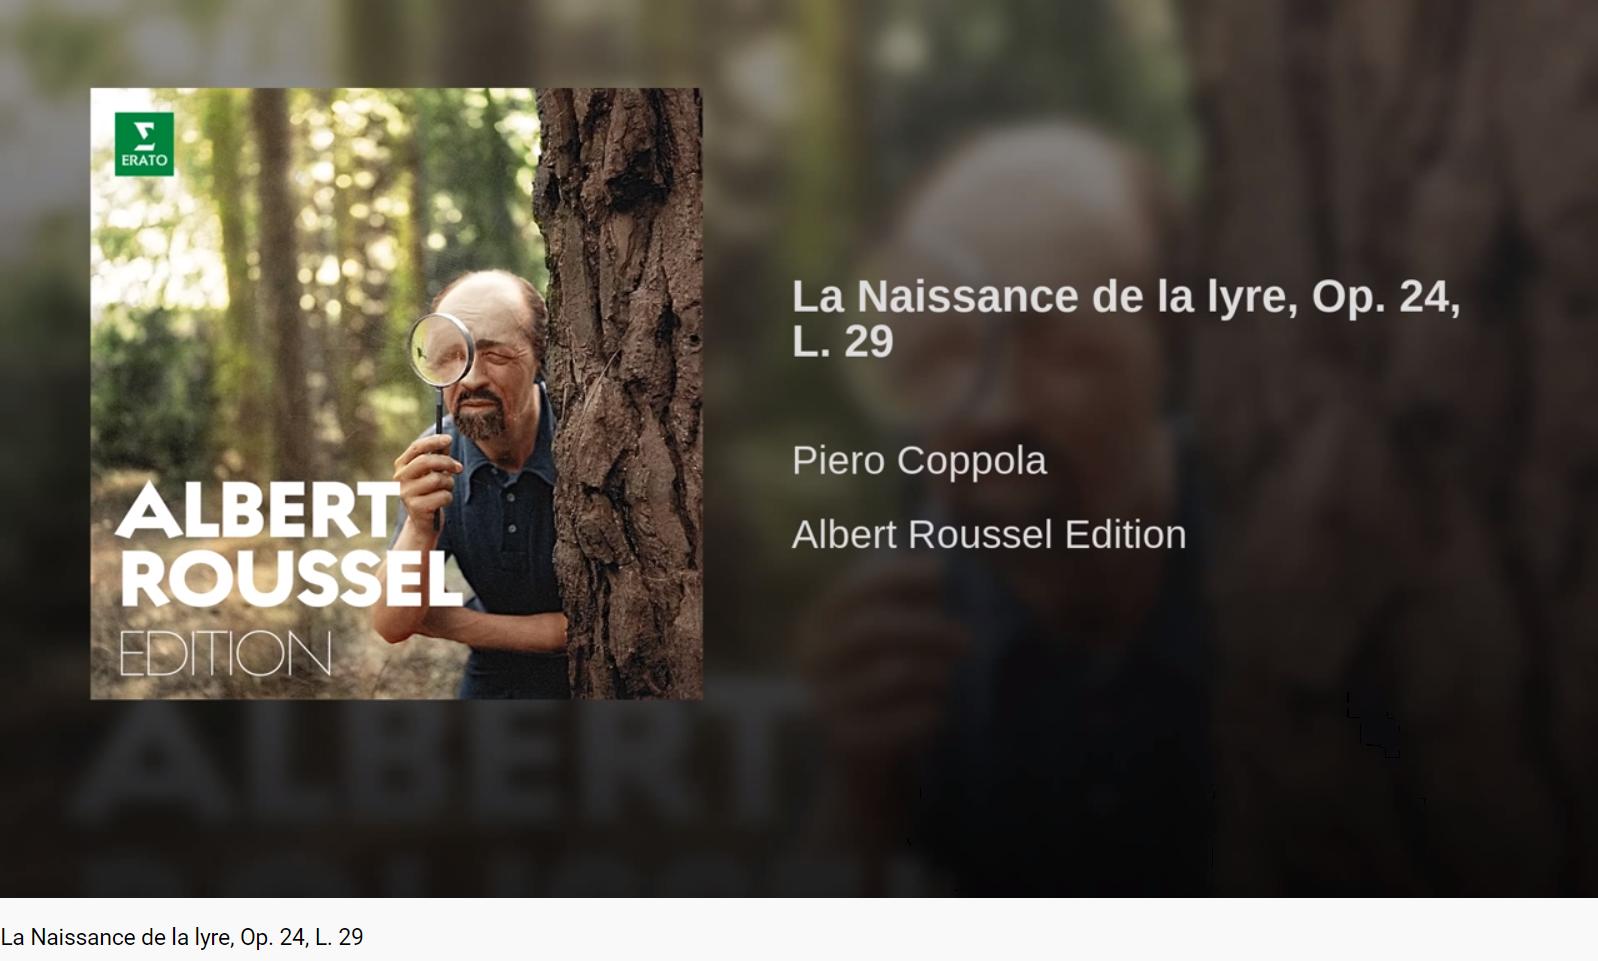 Roussel La Naissance de la lyre